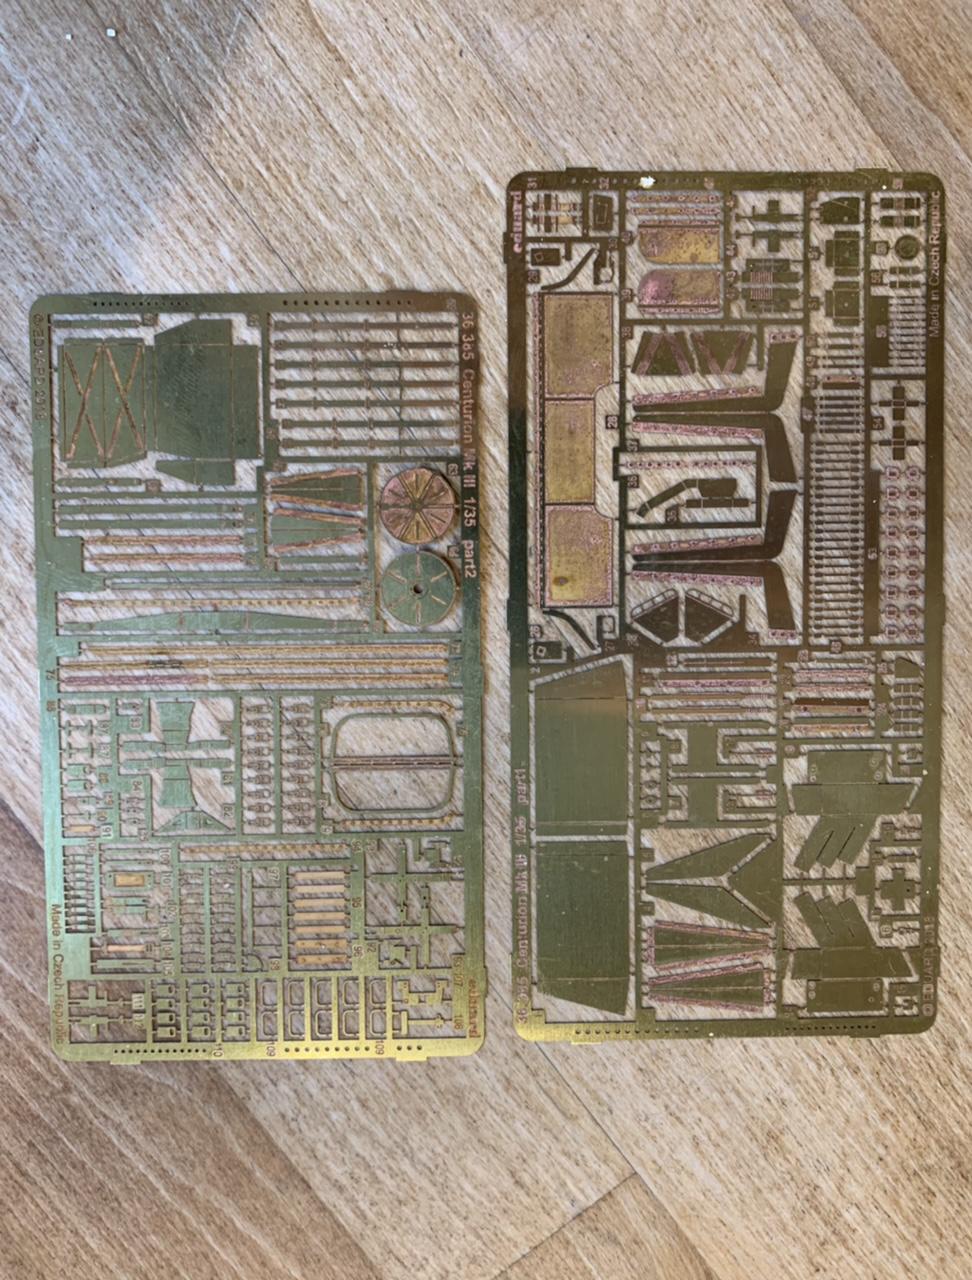 0695AB25-3379-4604-8C67-C0A7FDA09D98.jpeg